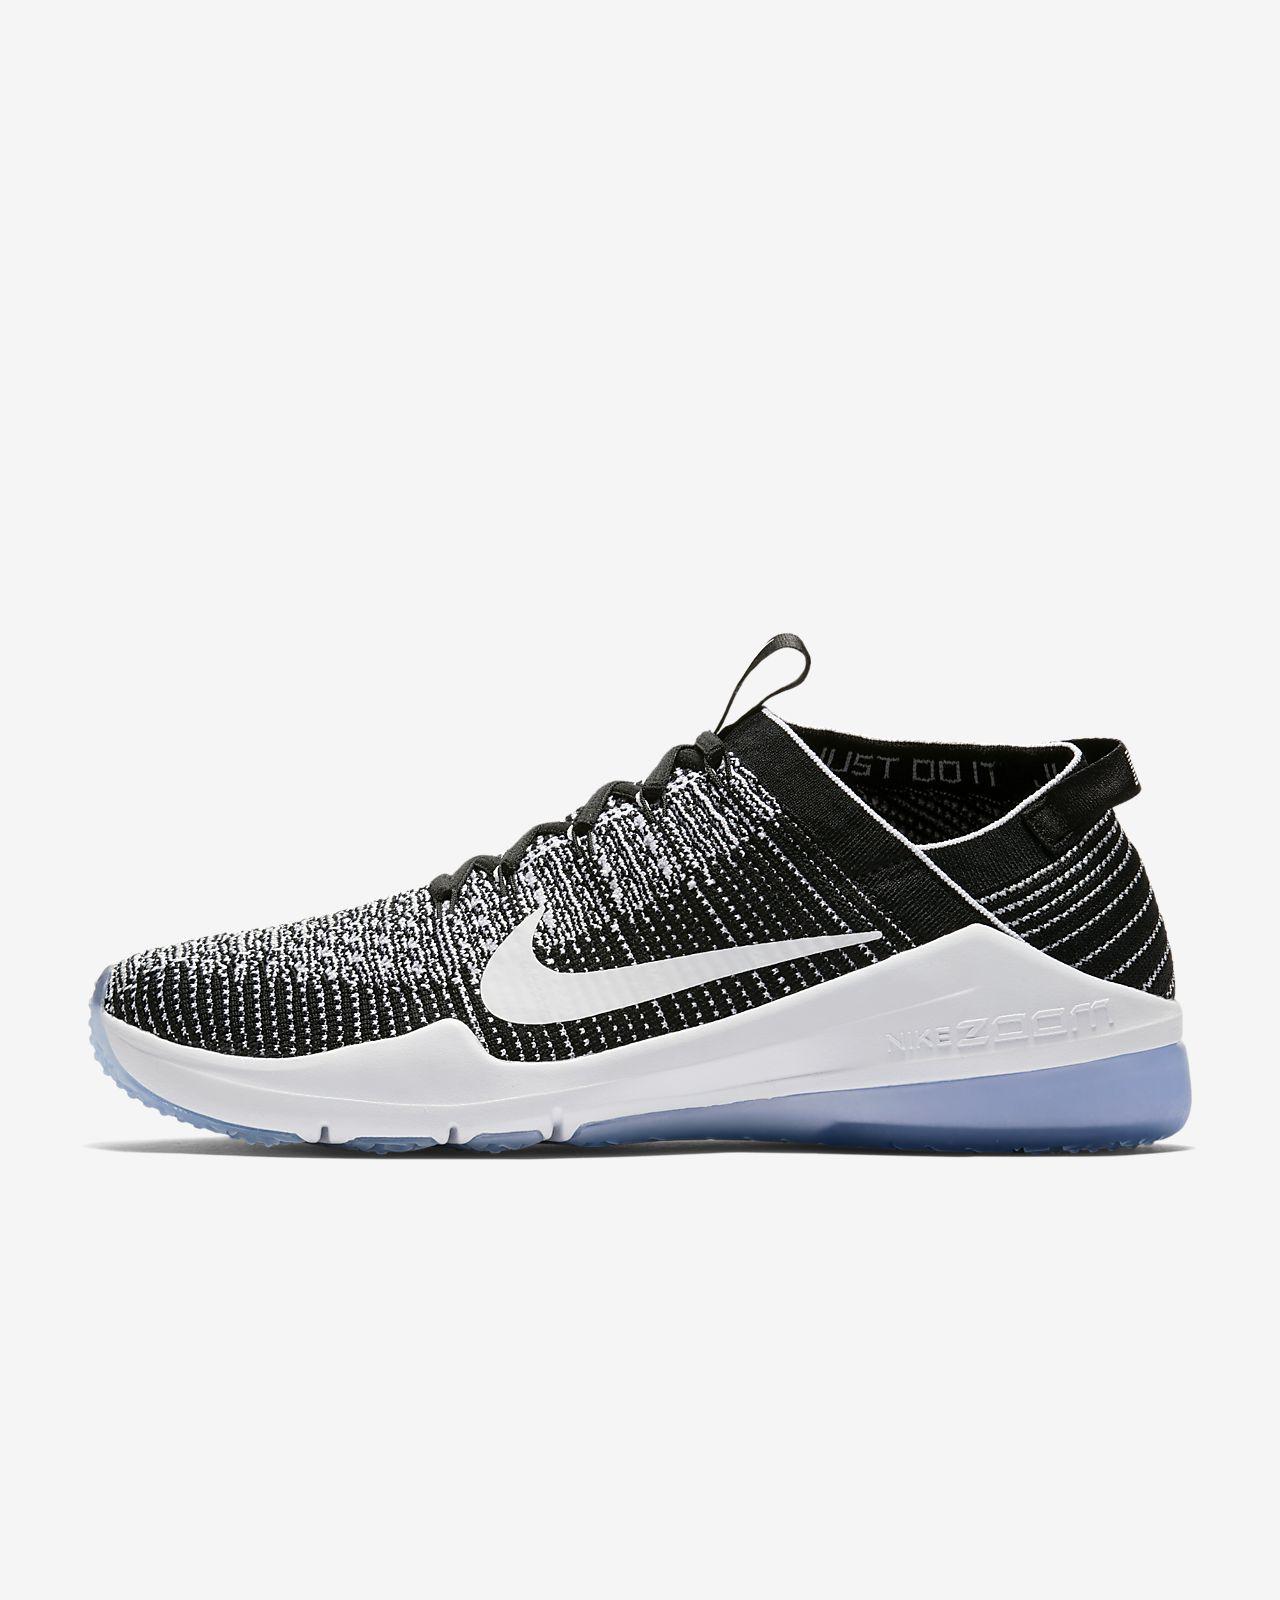 Nike Air Zoom Fearless Flyknit 2 Damenschuh für Fitnessstudio/Training/Boxen